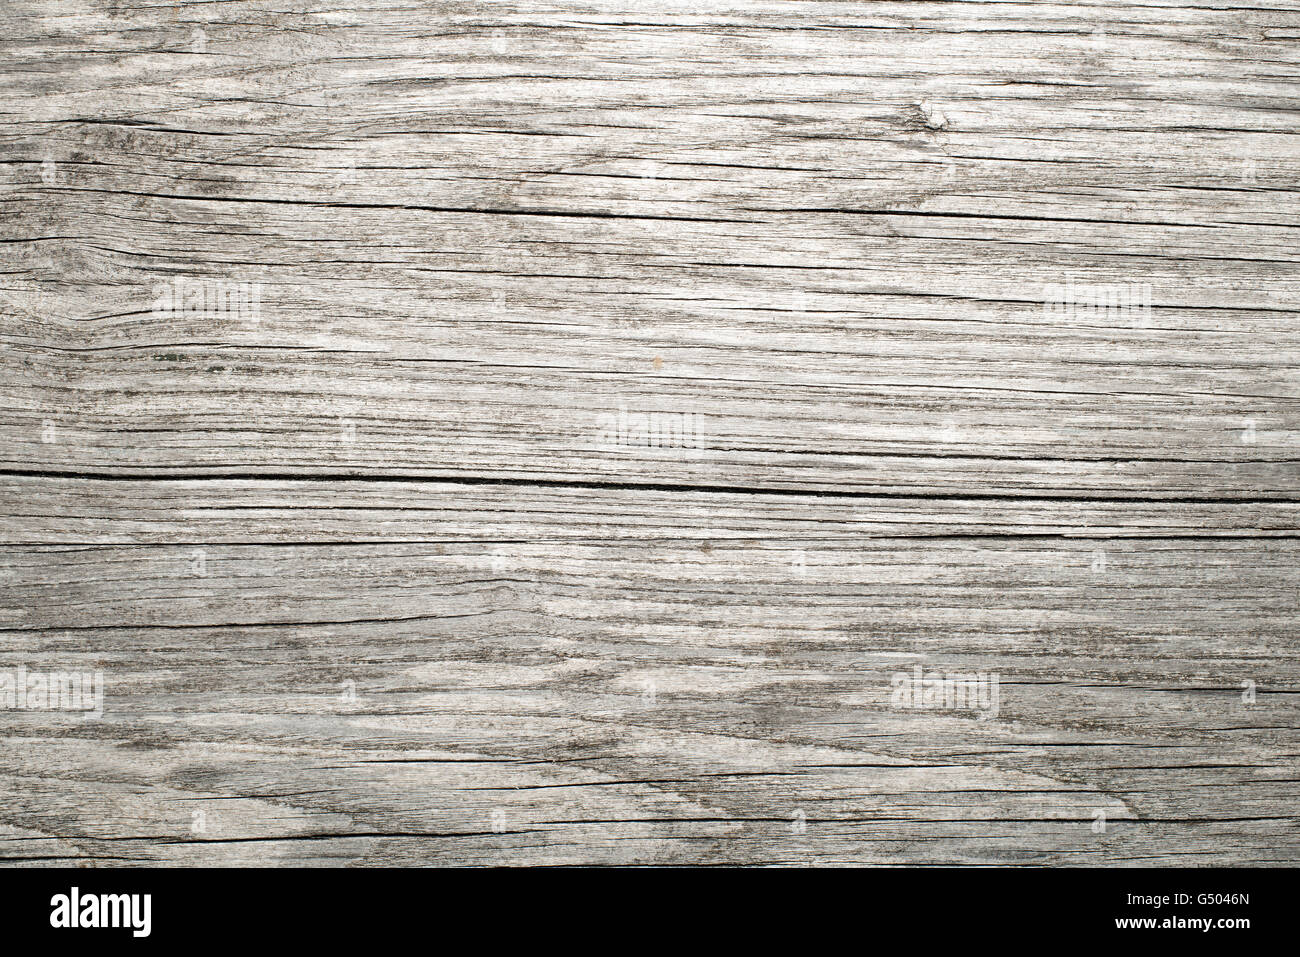 Alte Holz Hintergrund overhead hautnah zu schießen Stockfoto, Bild ...